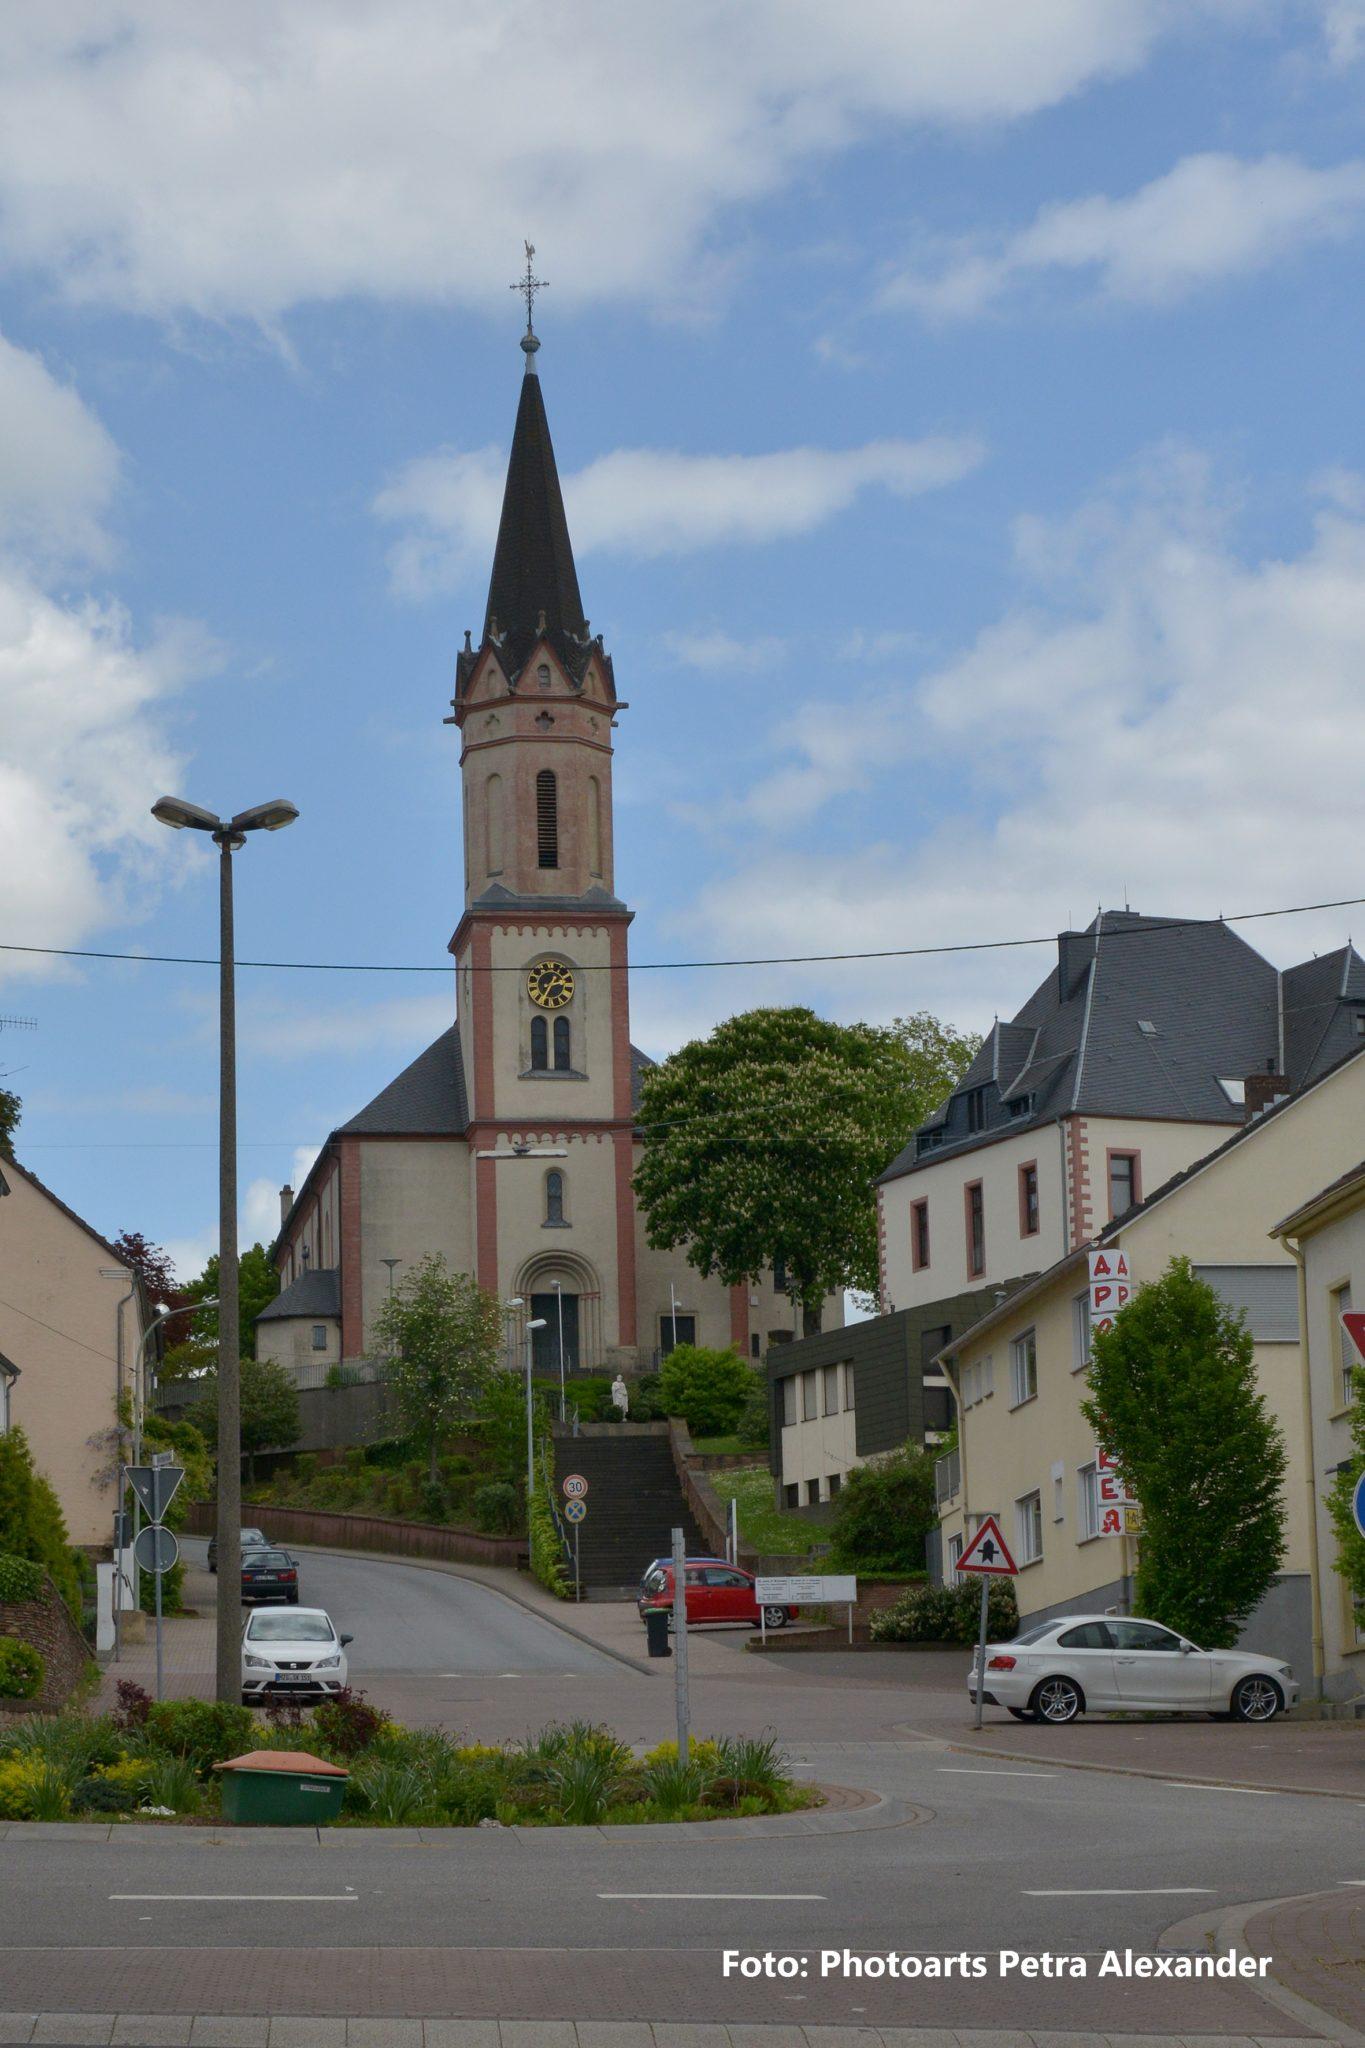 zu sehen ist die Katholische Kirche mit Treppenaufgang aus Sicht des Kreisverkehrs